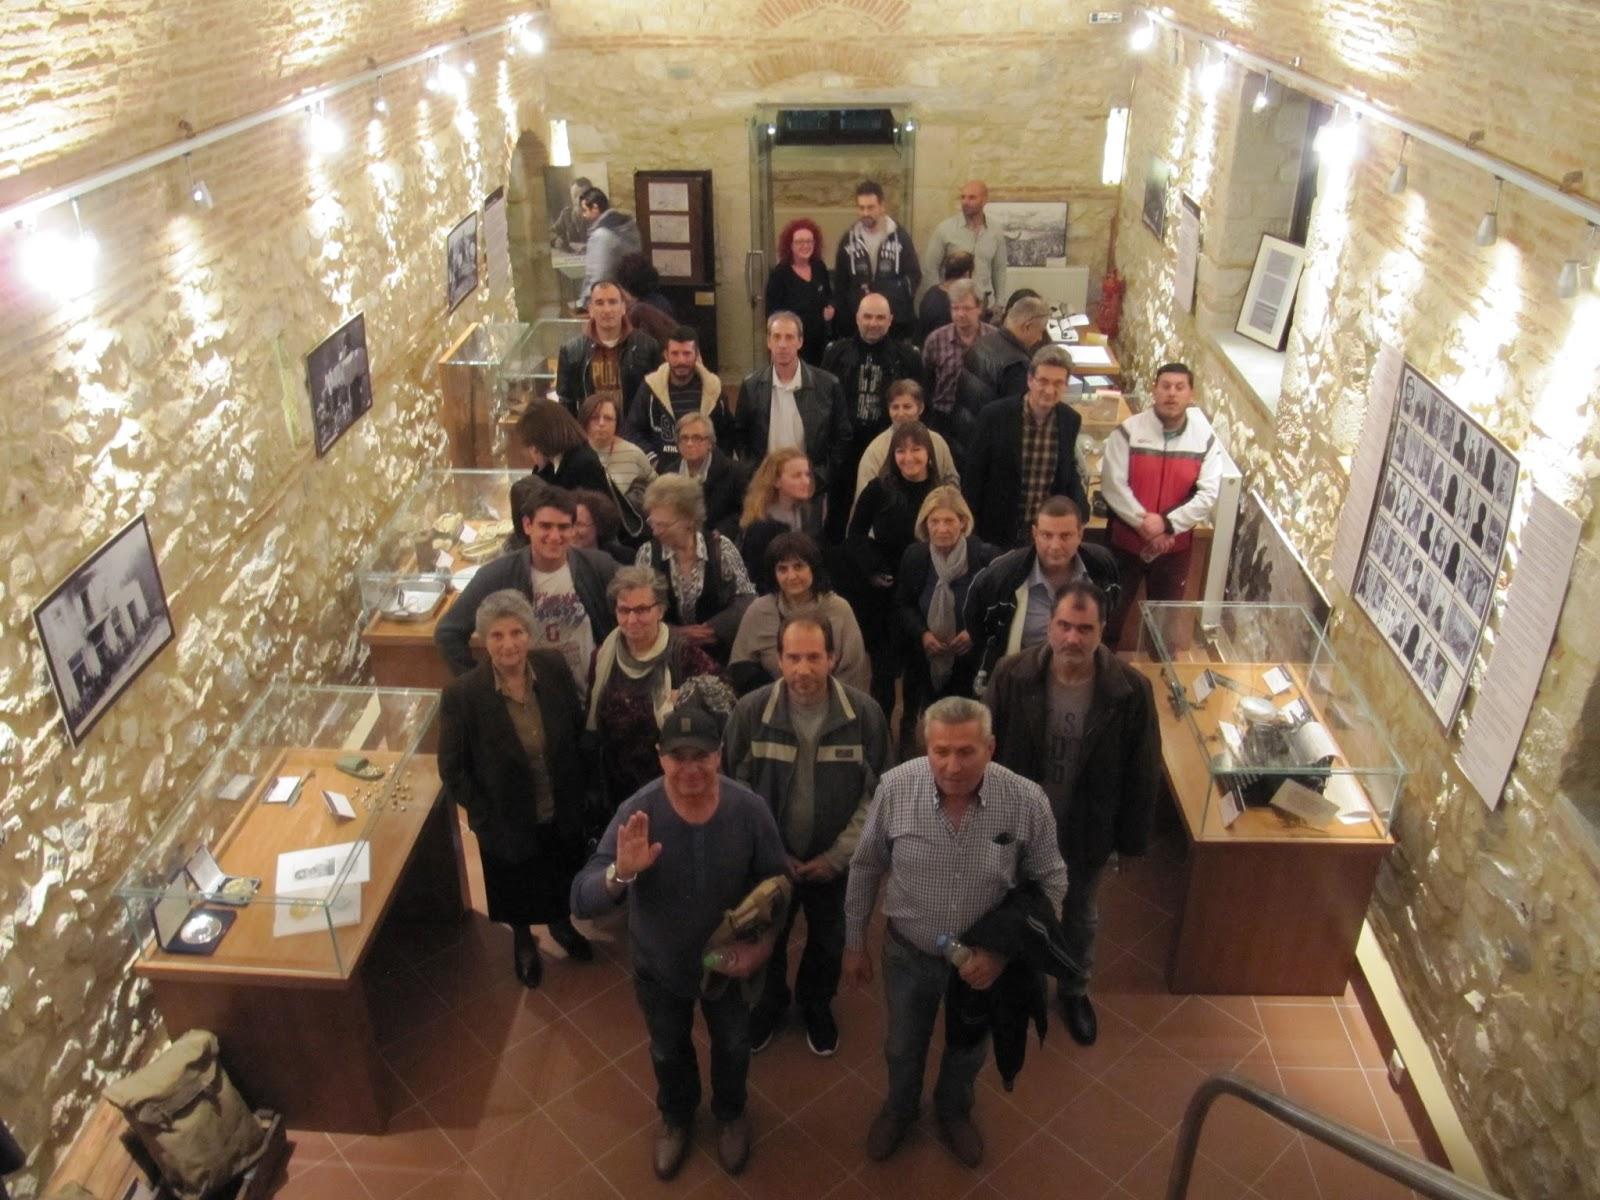 Επίσκεψη του 1ου Σχολείου Δεύτερης Ευκαιρίας Λάρισας στο Μουσείο Εθνικής Αντίστασης Λάρισας